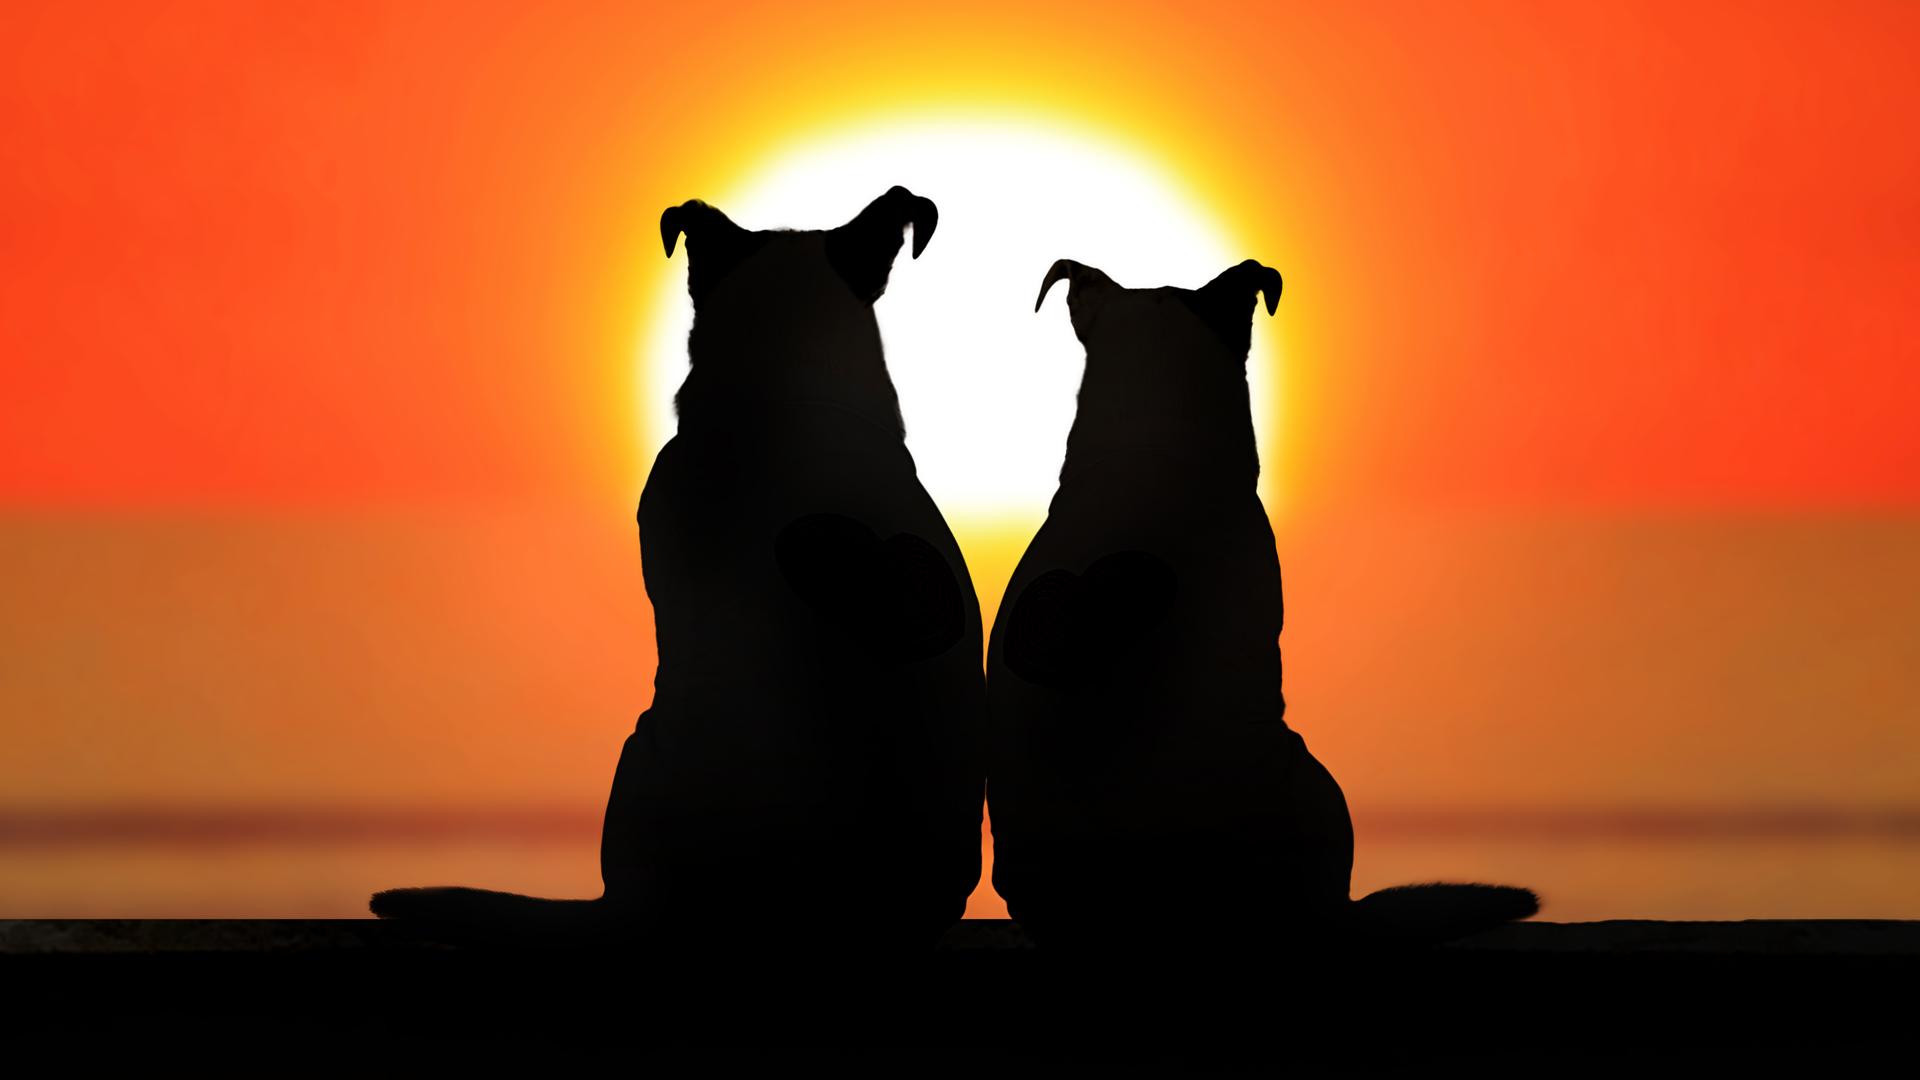 Cuenta con más de 5 millones de reproducciones y su popularidad en Facebook, demuestra es amor de estos dos amigos caninos inseparables (iStock)